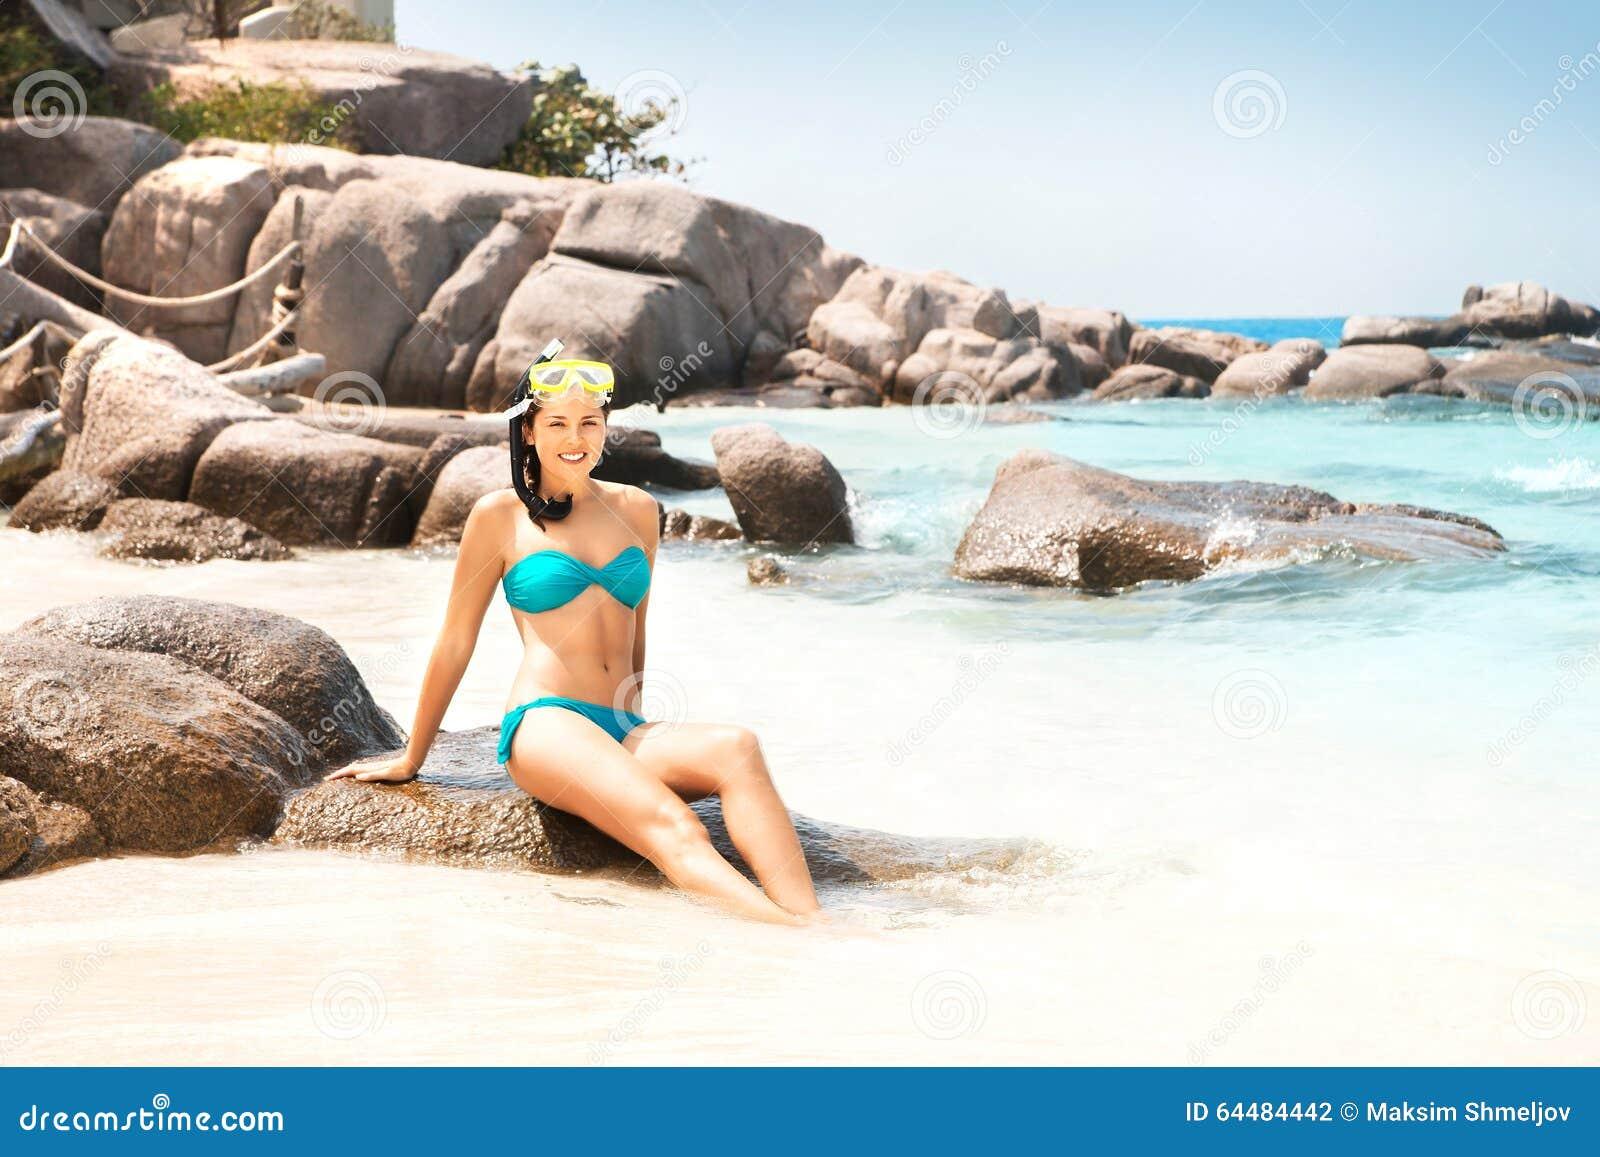 Mulher lindo no biquini ciano com máscara do mergulho